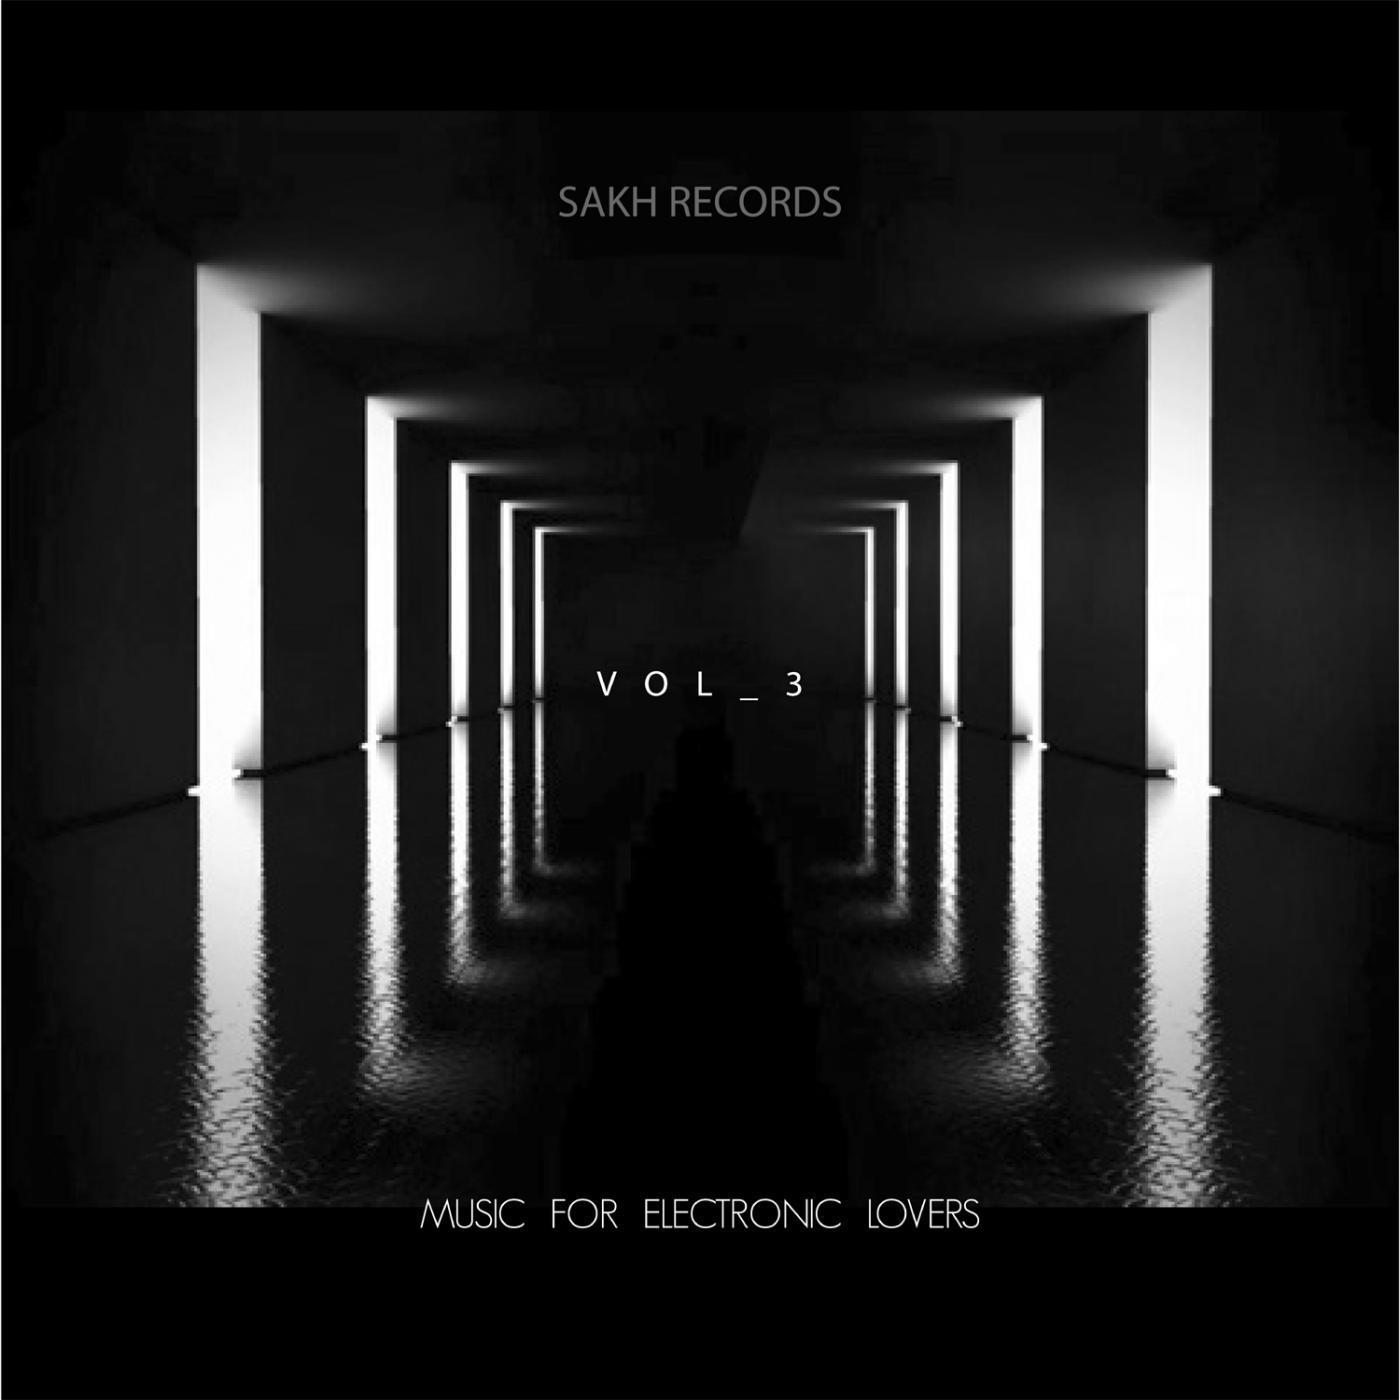 Moonseeker - 0-33 (Original Mix)